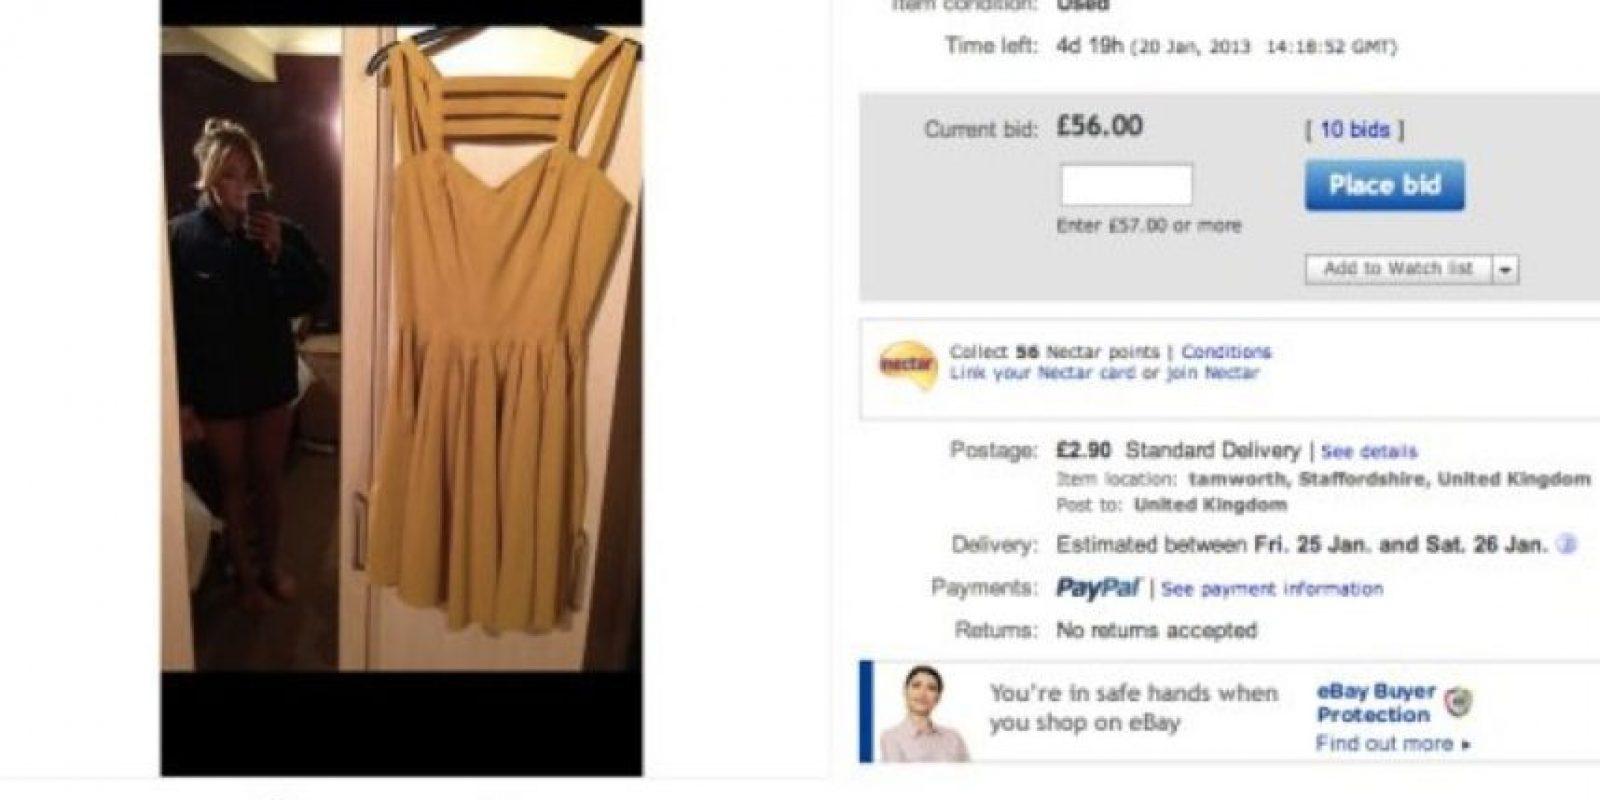 El vestido costó más de mil dólares Foto:Twitter